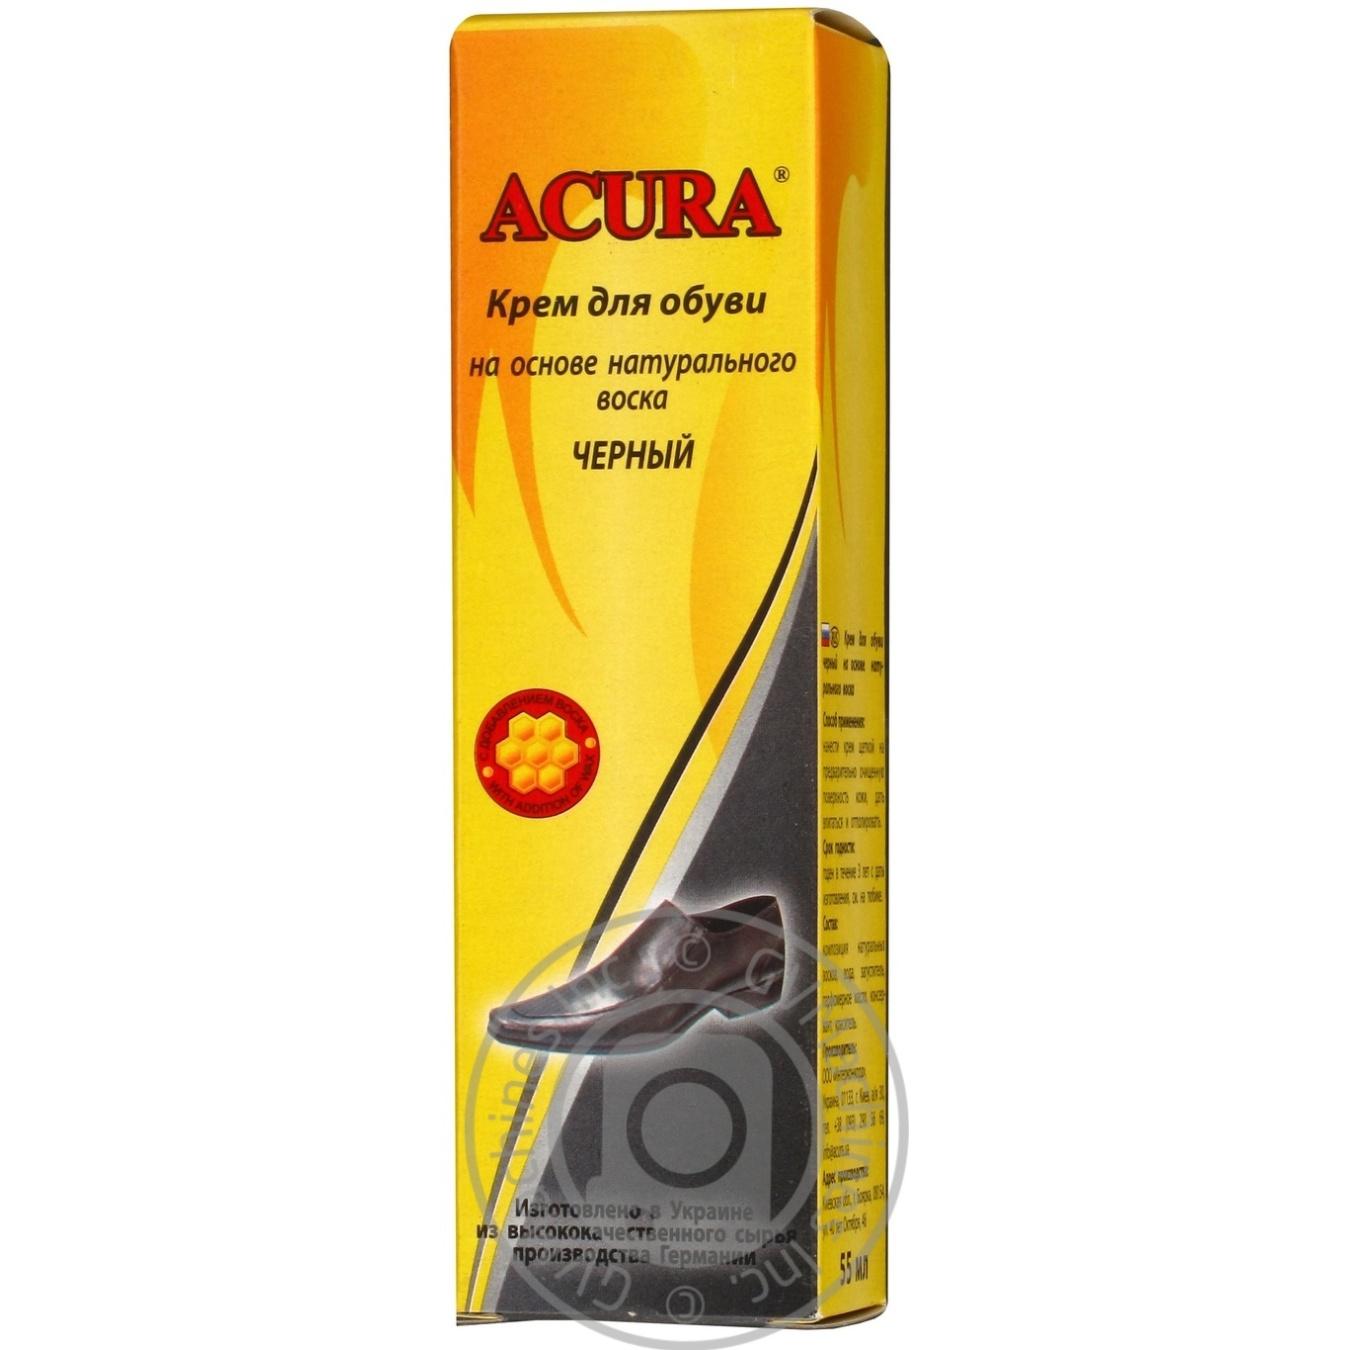 Acura Ukraine on